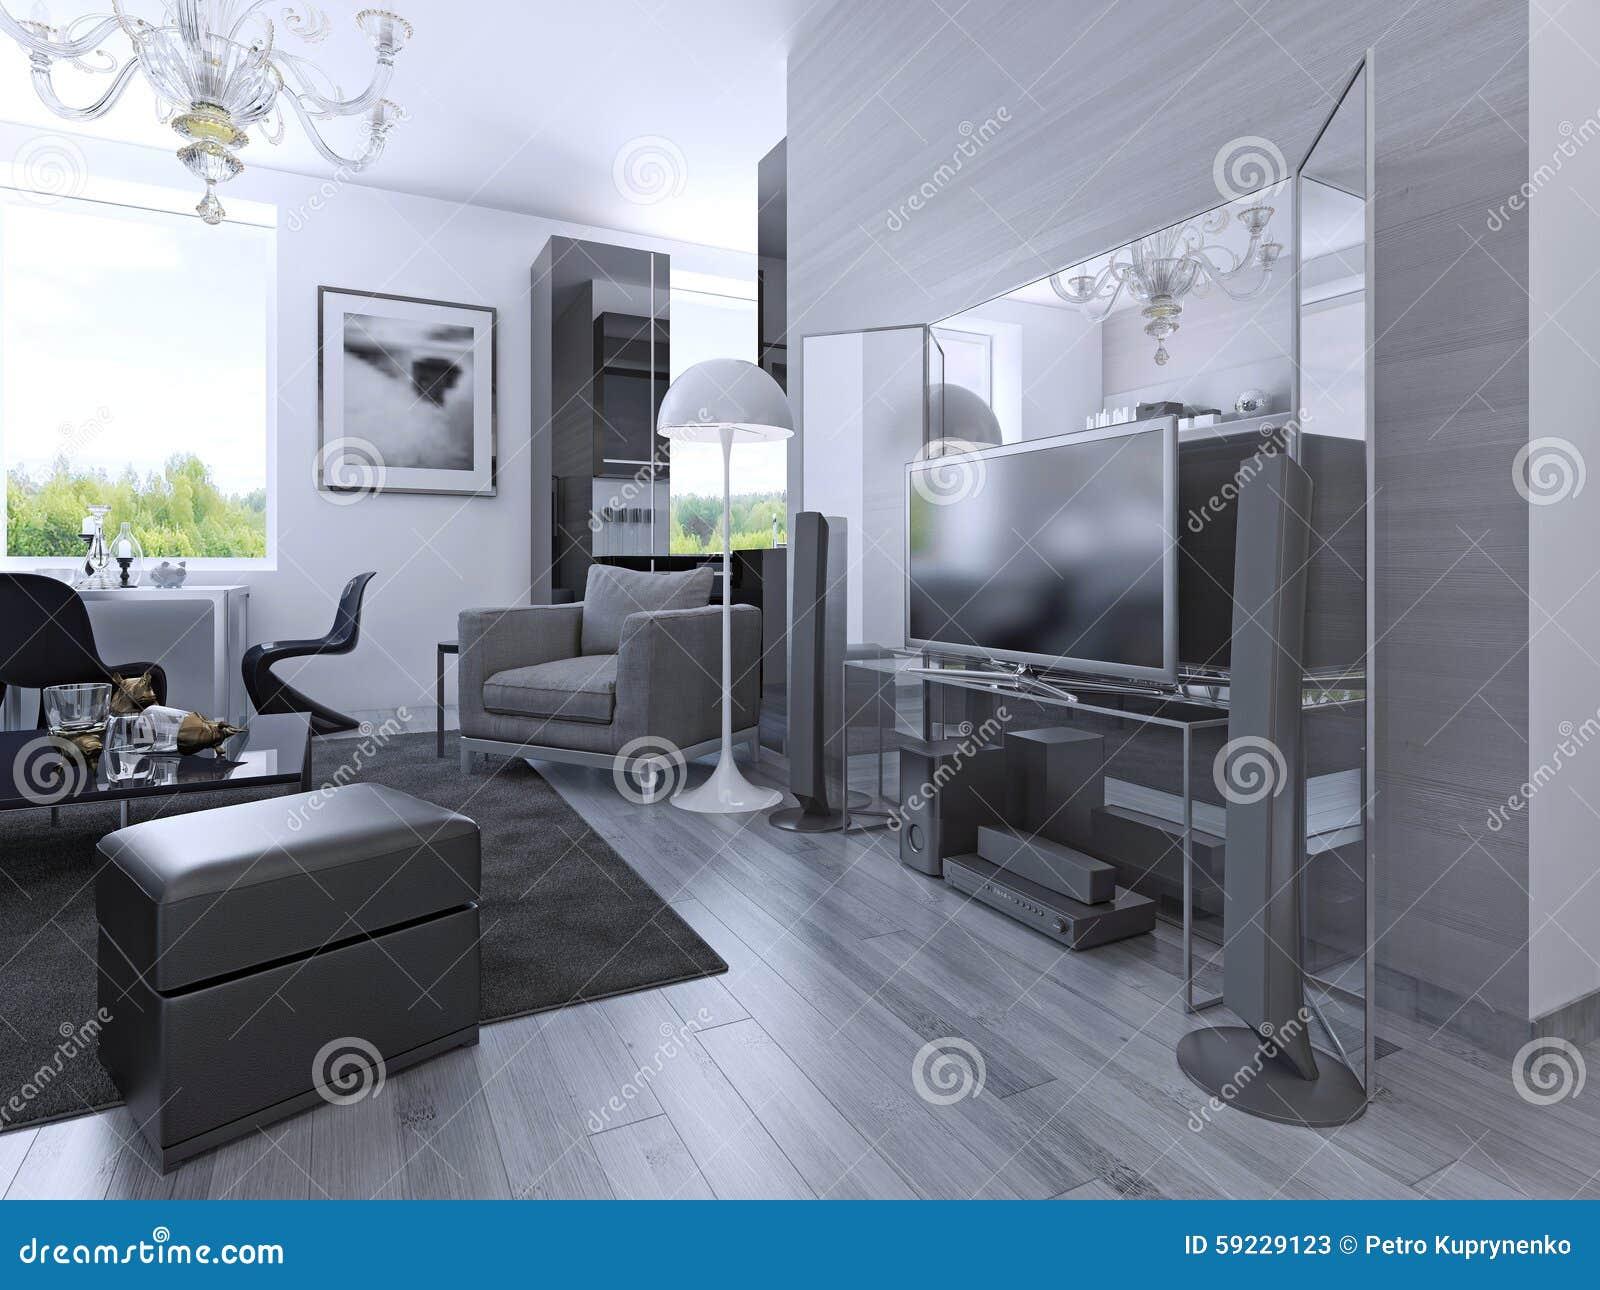 Idea de apartamentos-estudios